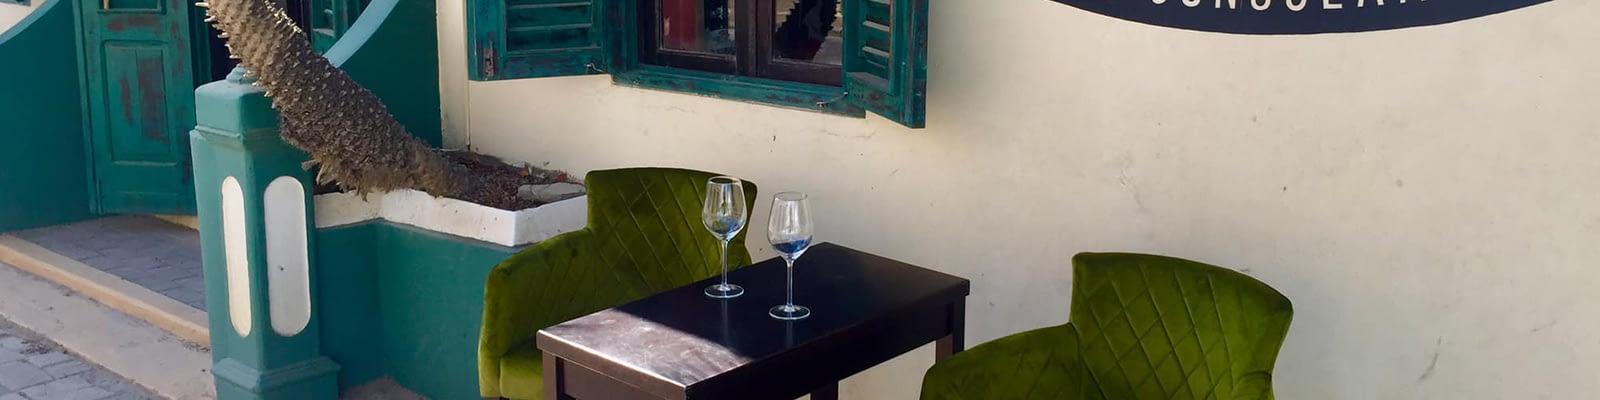 stadscafe-het-consulaat-restaurant-bonaire-slider-2